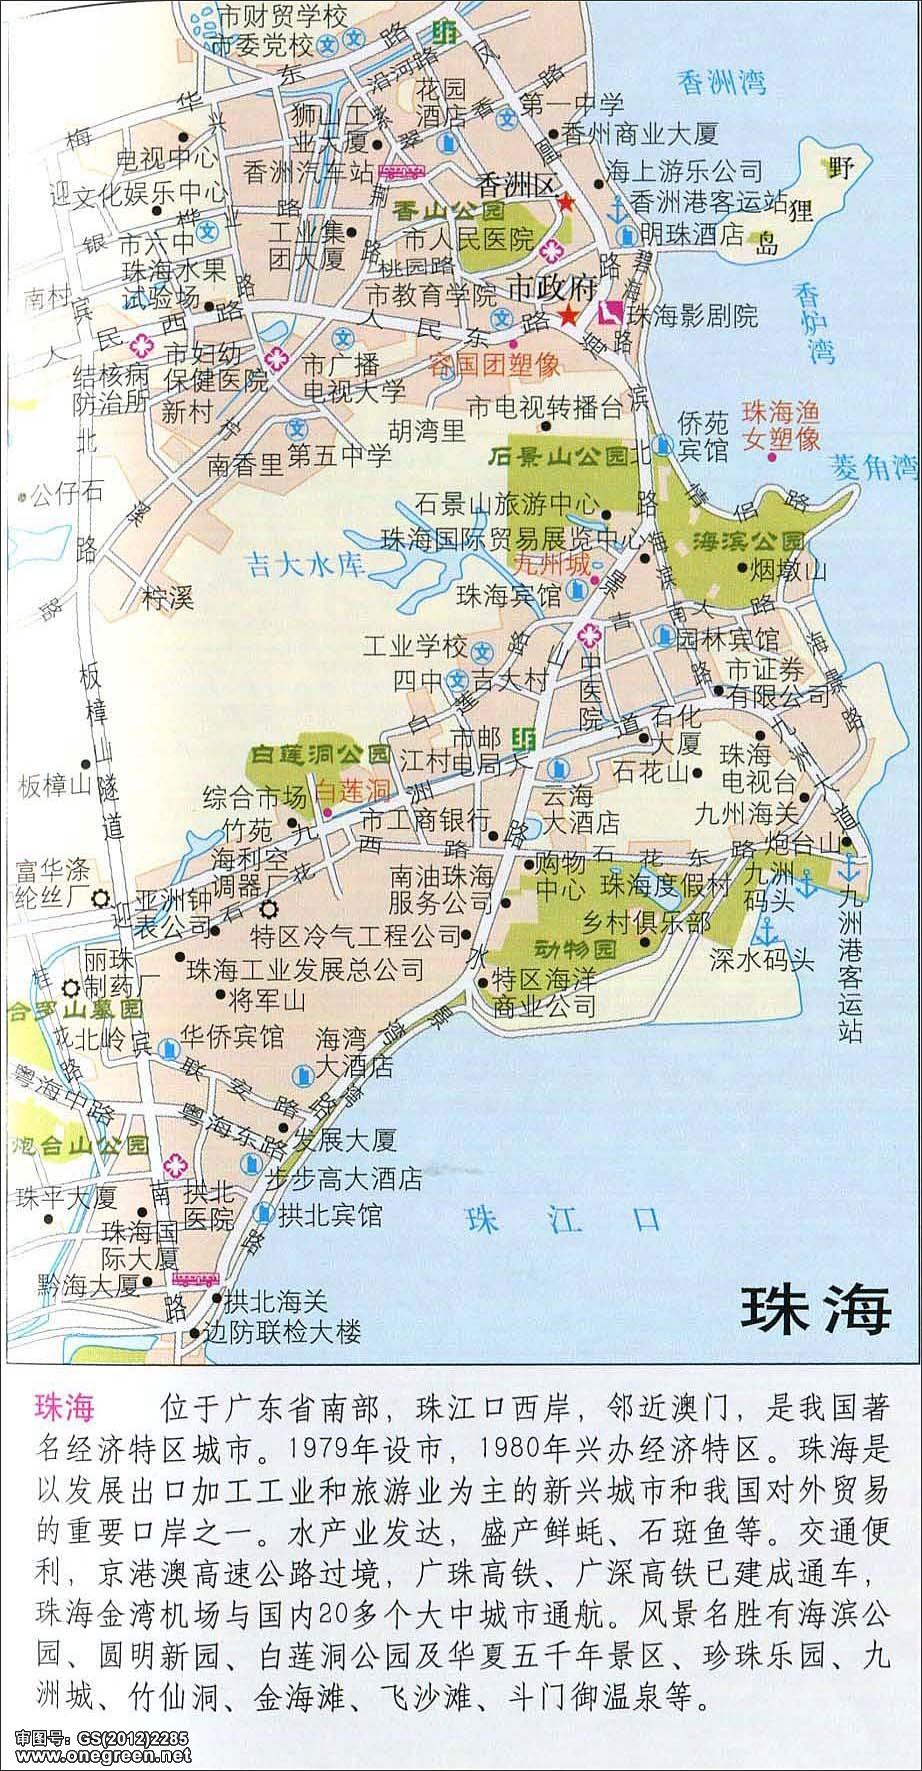 珠海地图地形版